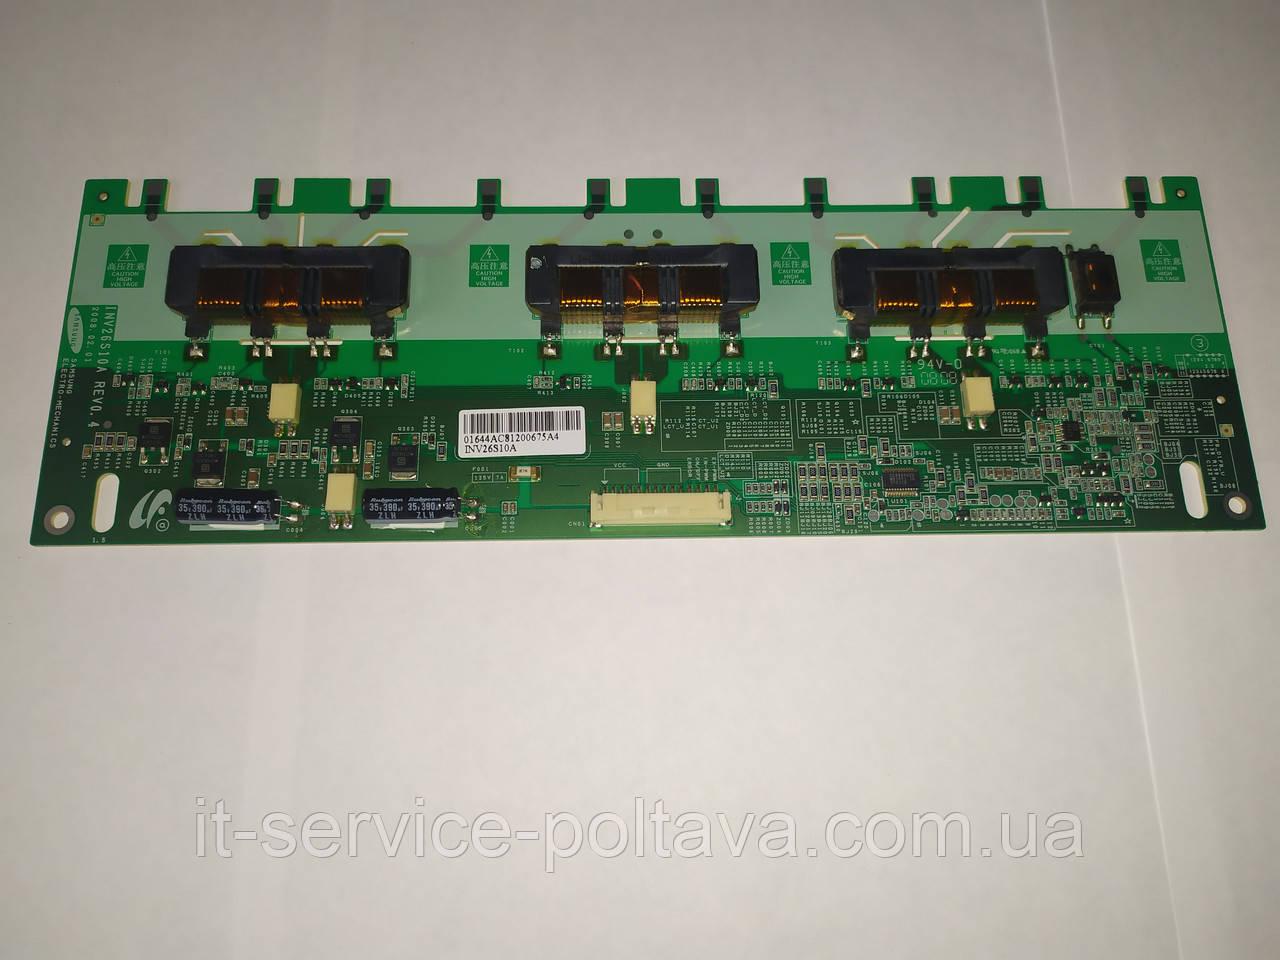 Інвертор INV26S10A REV0.4 (01644AC81200675A4) для телевізора SAMSUNG